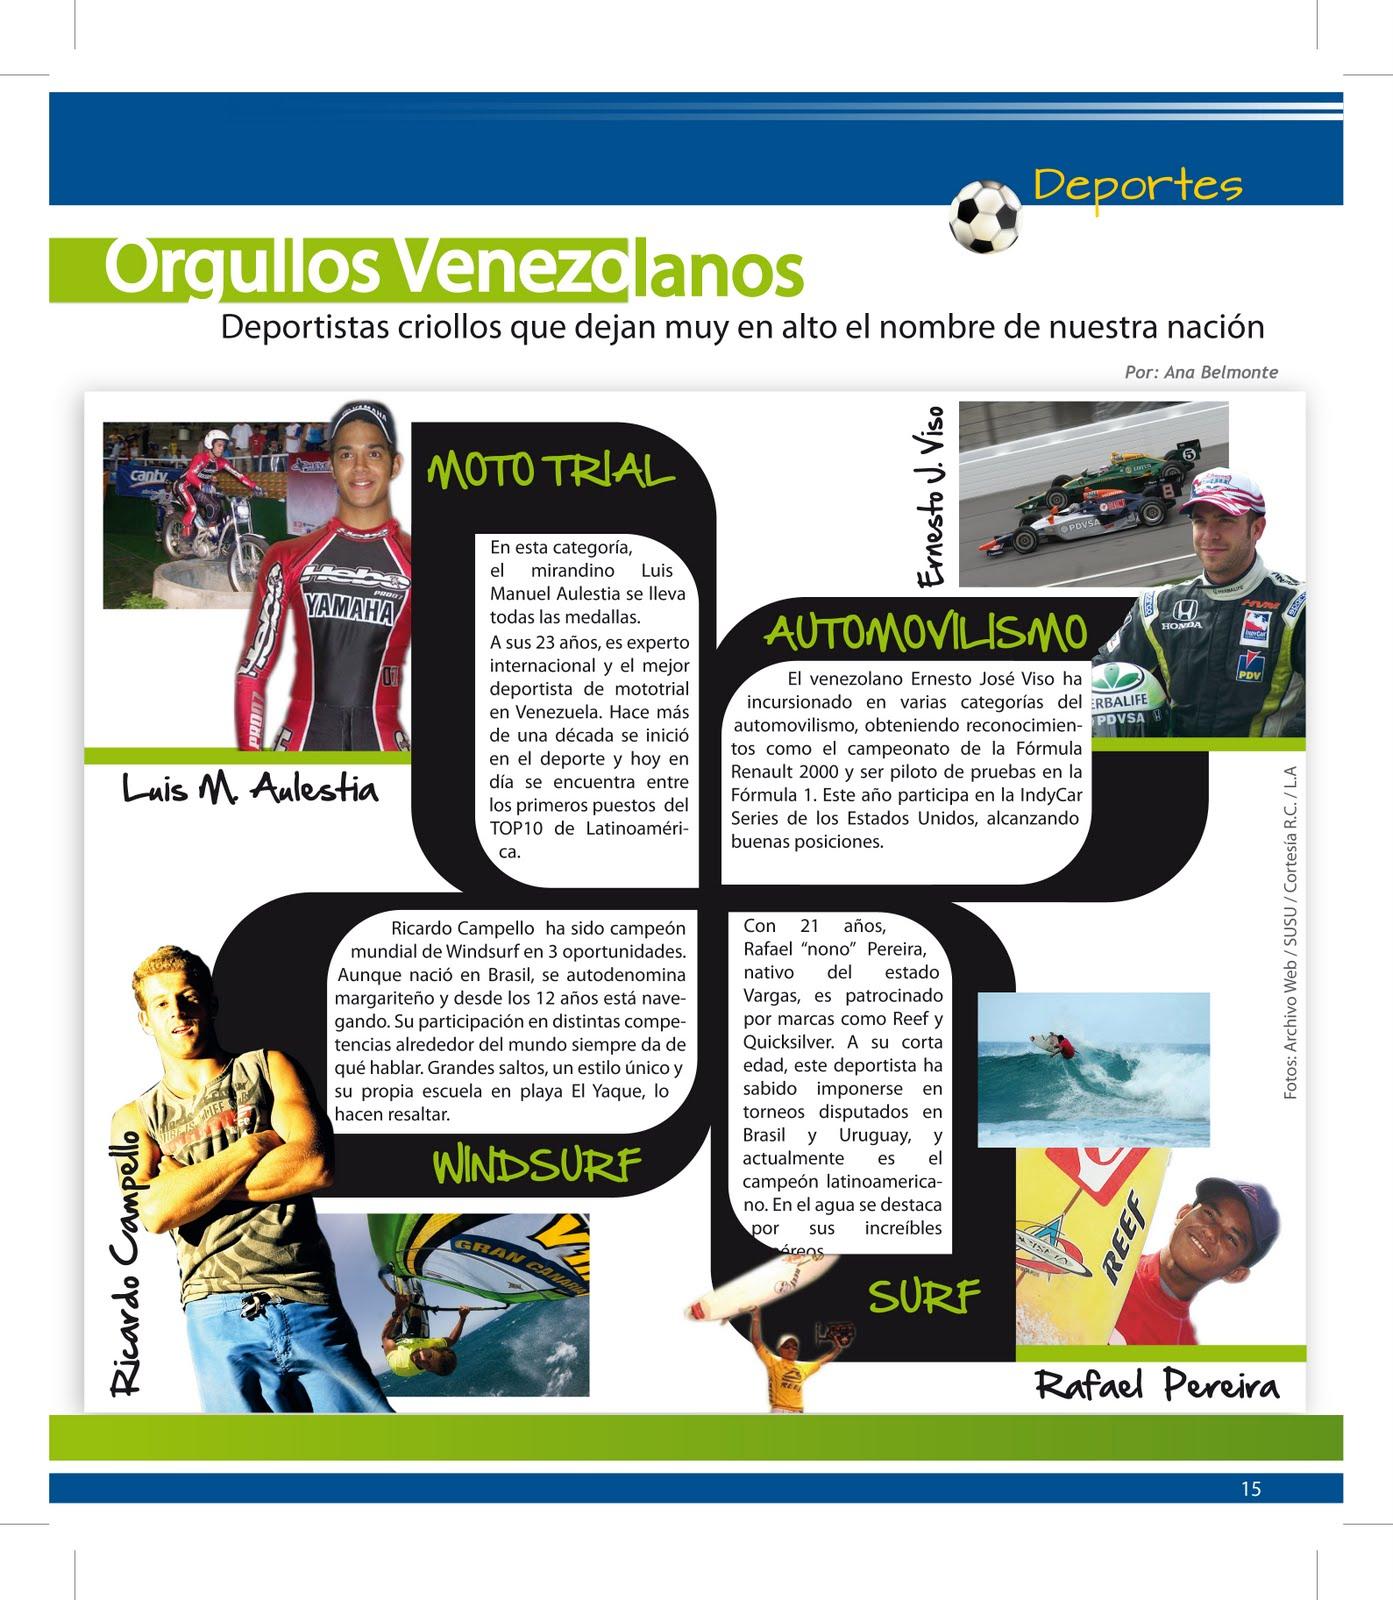 http://4.bp.blogspot.com/-o4ykbPmir94/Tg4Uy1udehI/AAAAAAAAAK0/XKdIXxfHL9c/s1600/15+deportes+b.jpg